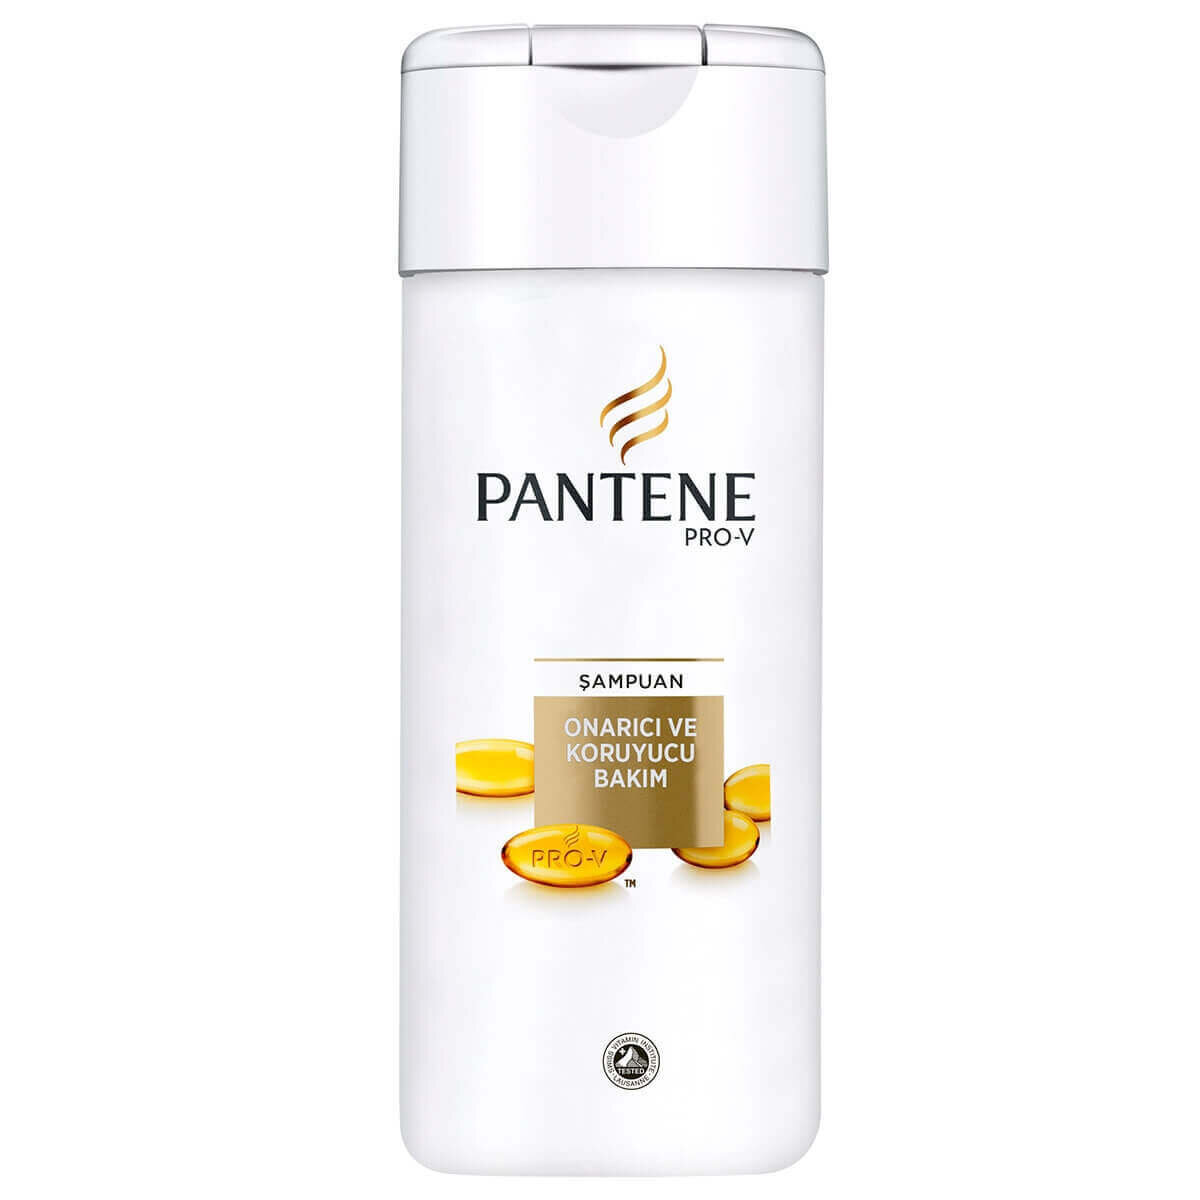 Onarıcı Bakım Şampuan 75 ml